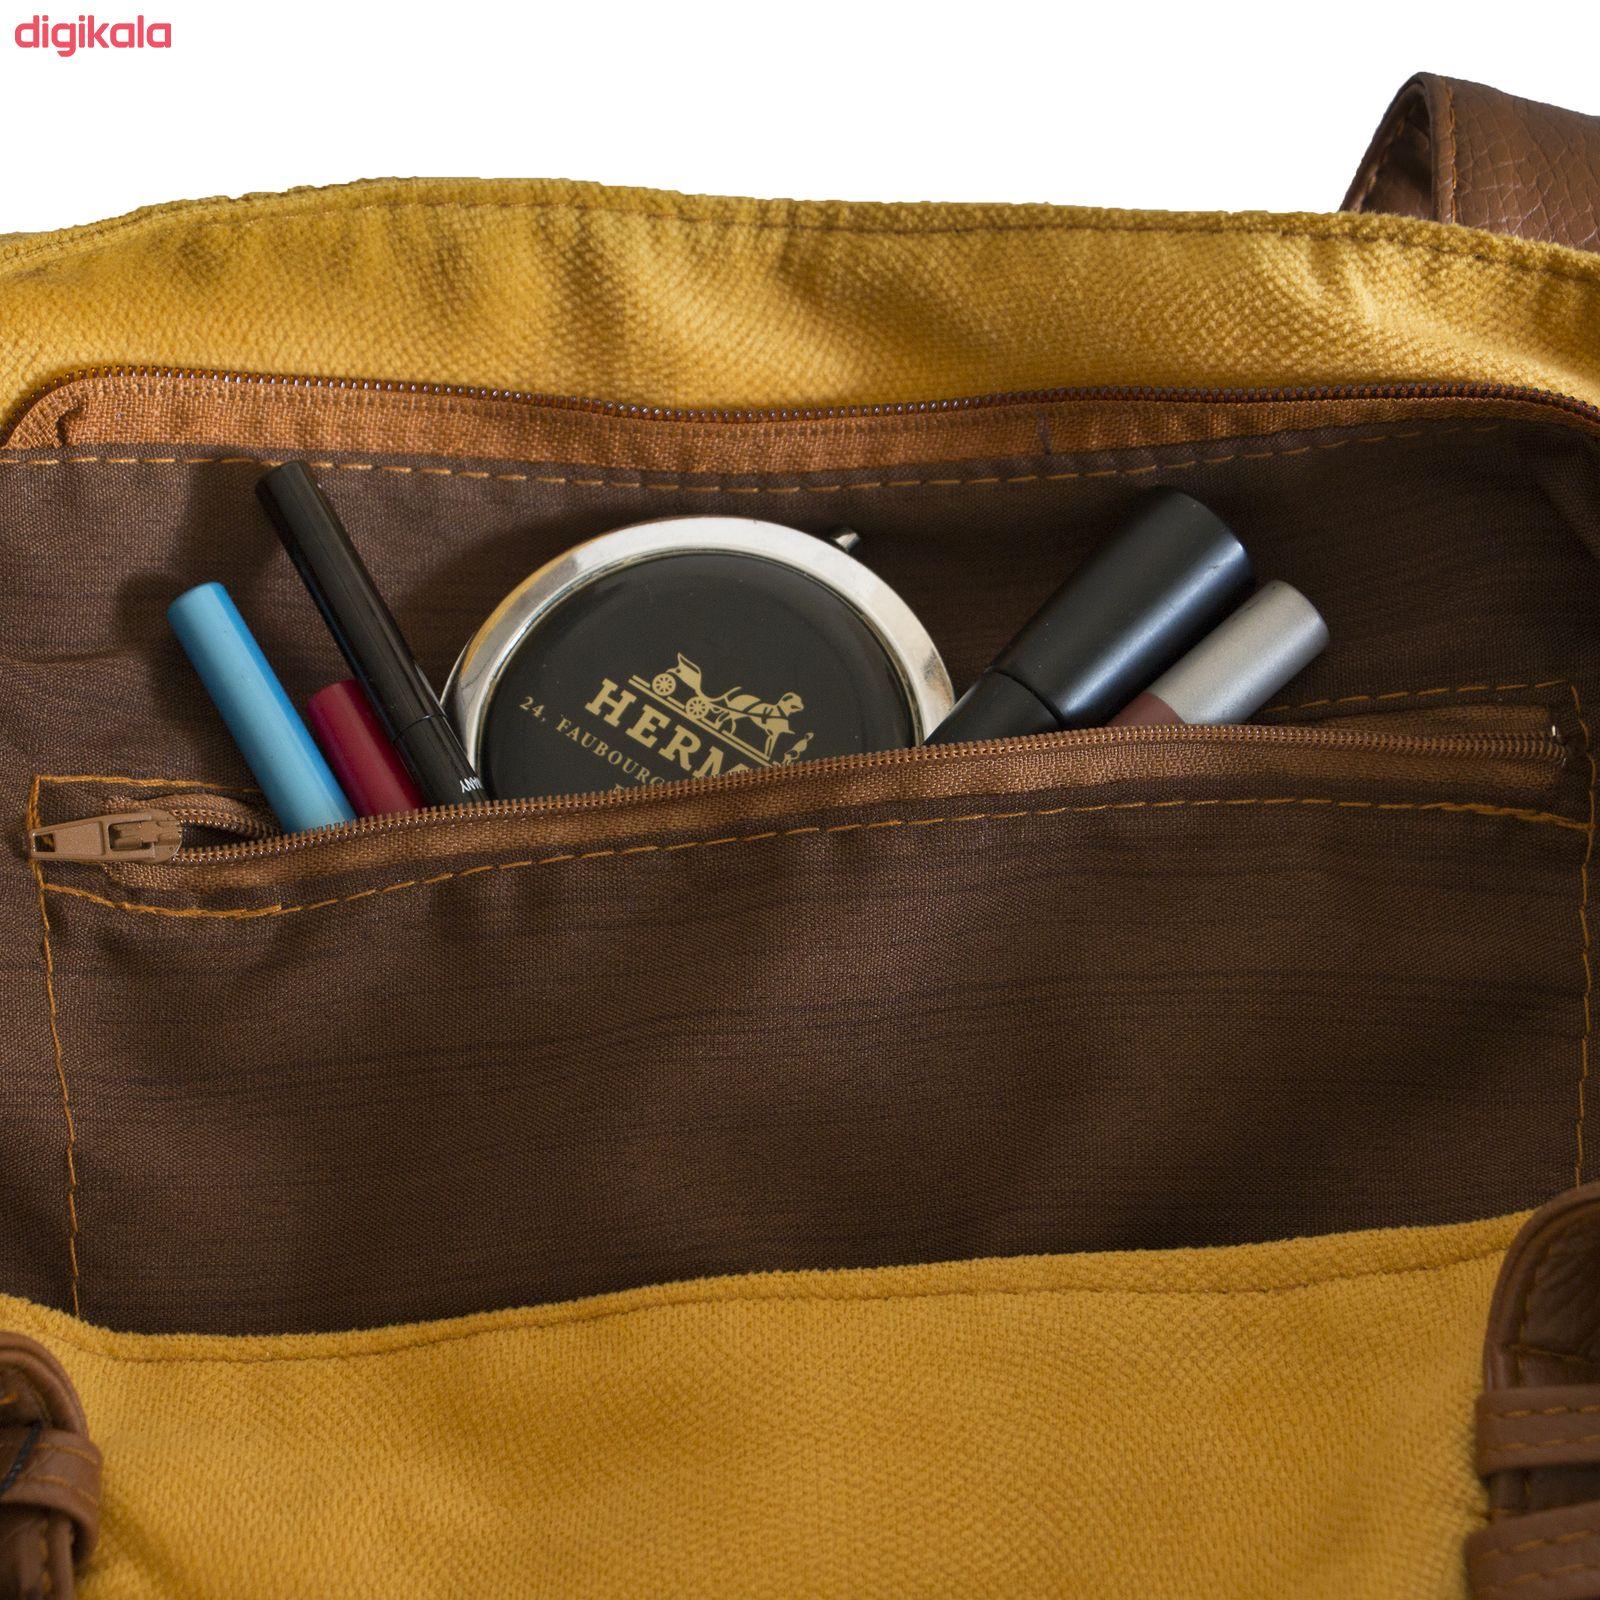 کیف دستی زنانه مدل M1 main 1 31